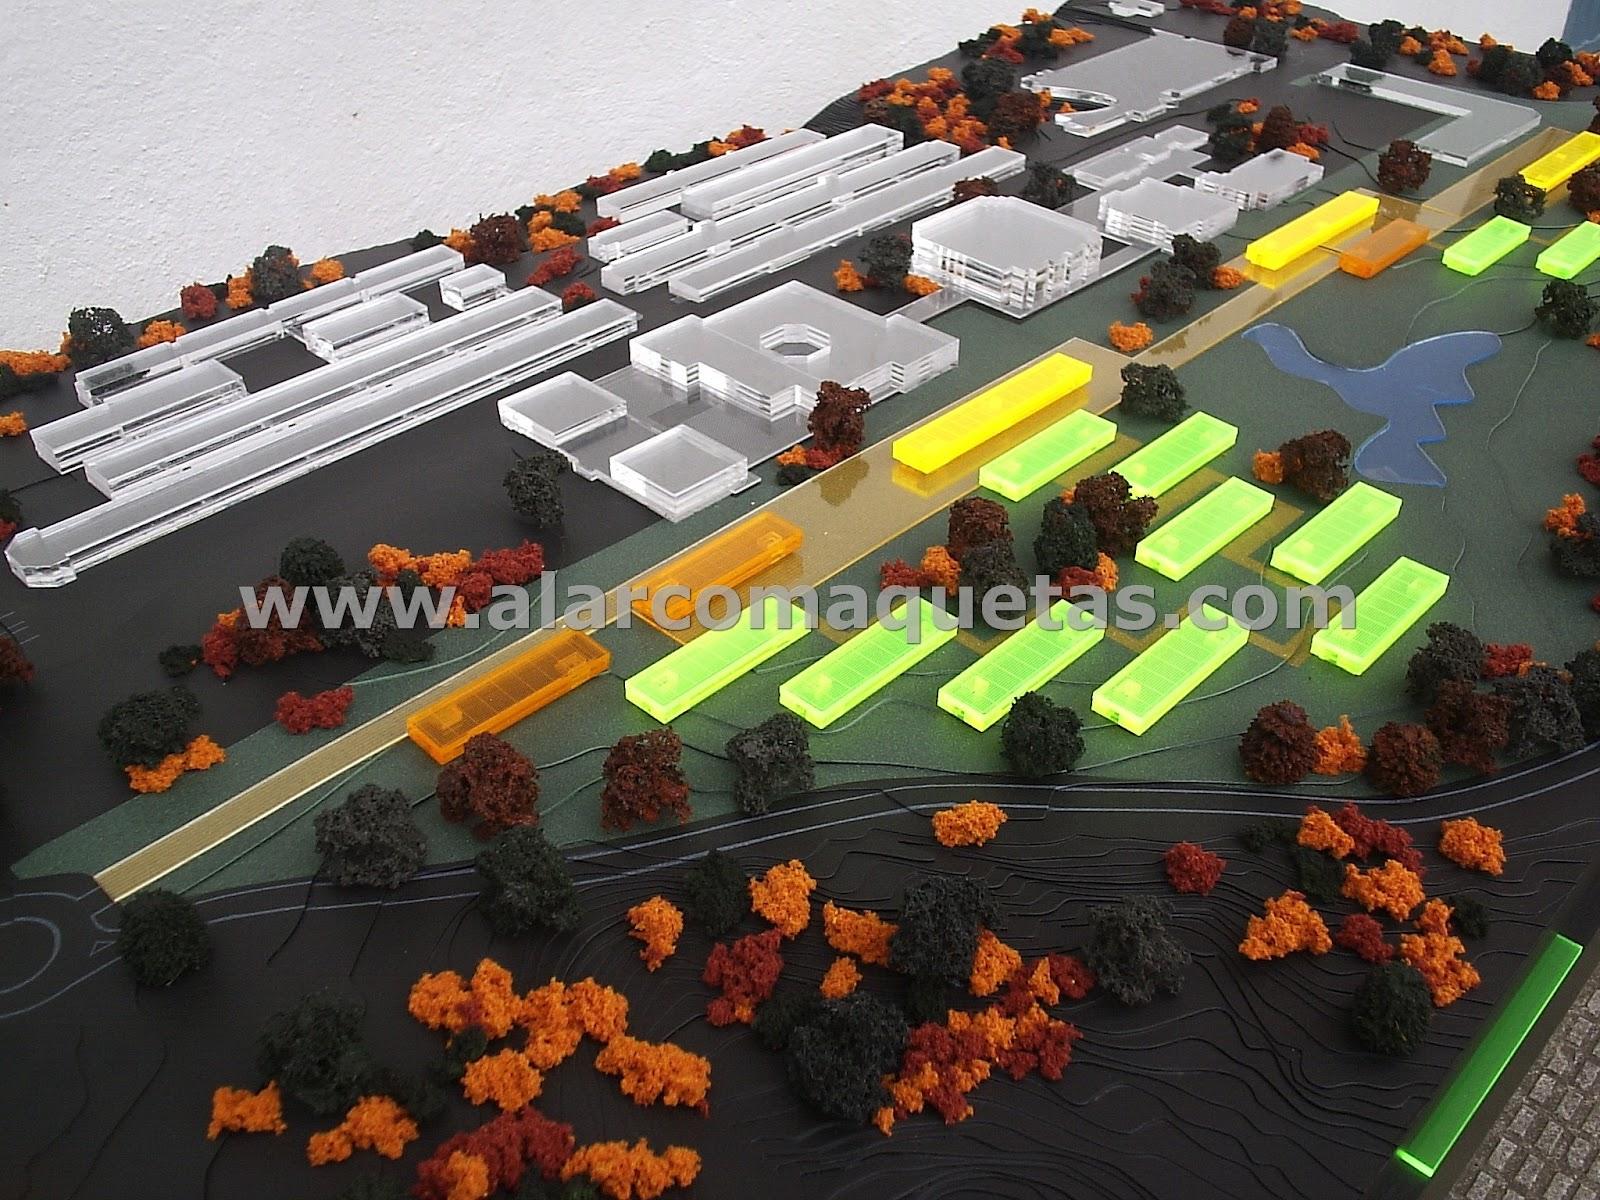 Maquetas de arquitectura hacemos realidad sus proyectos - Arquitectura pais vasco ...